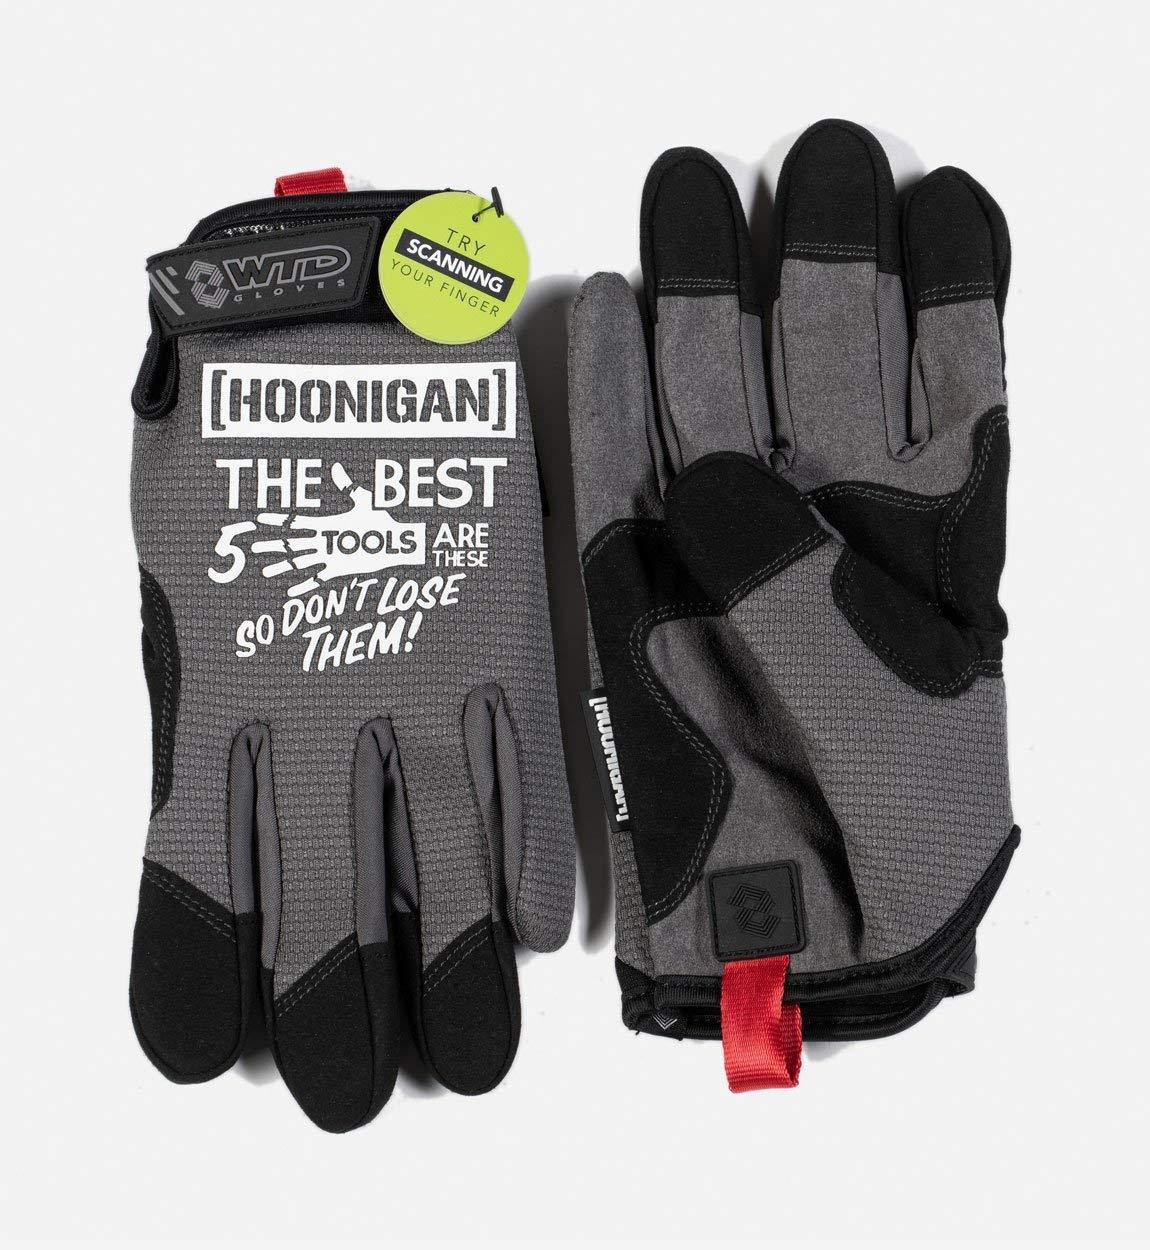 Hoonigan Best 5 Tools Glove